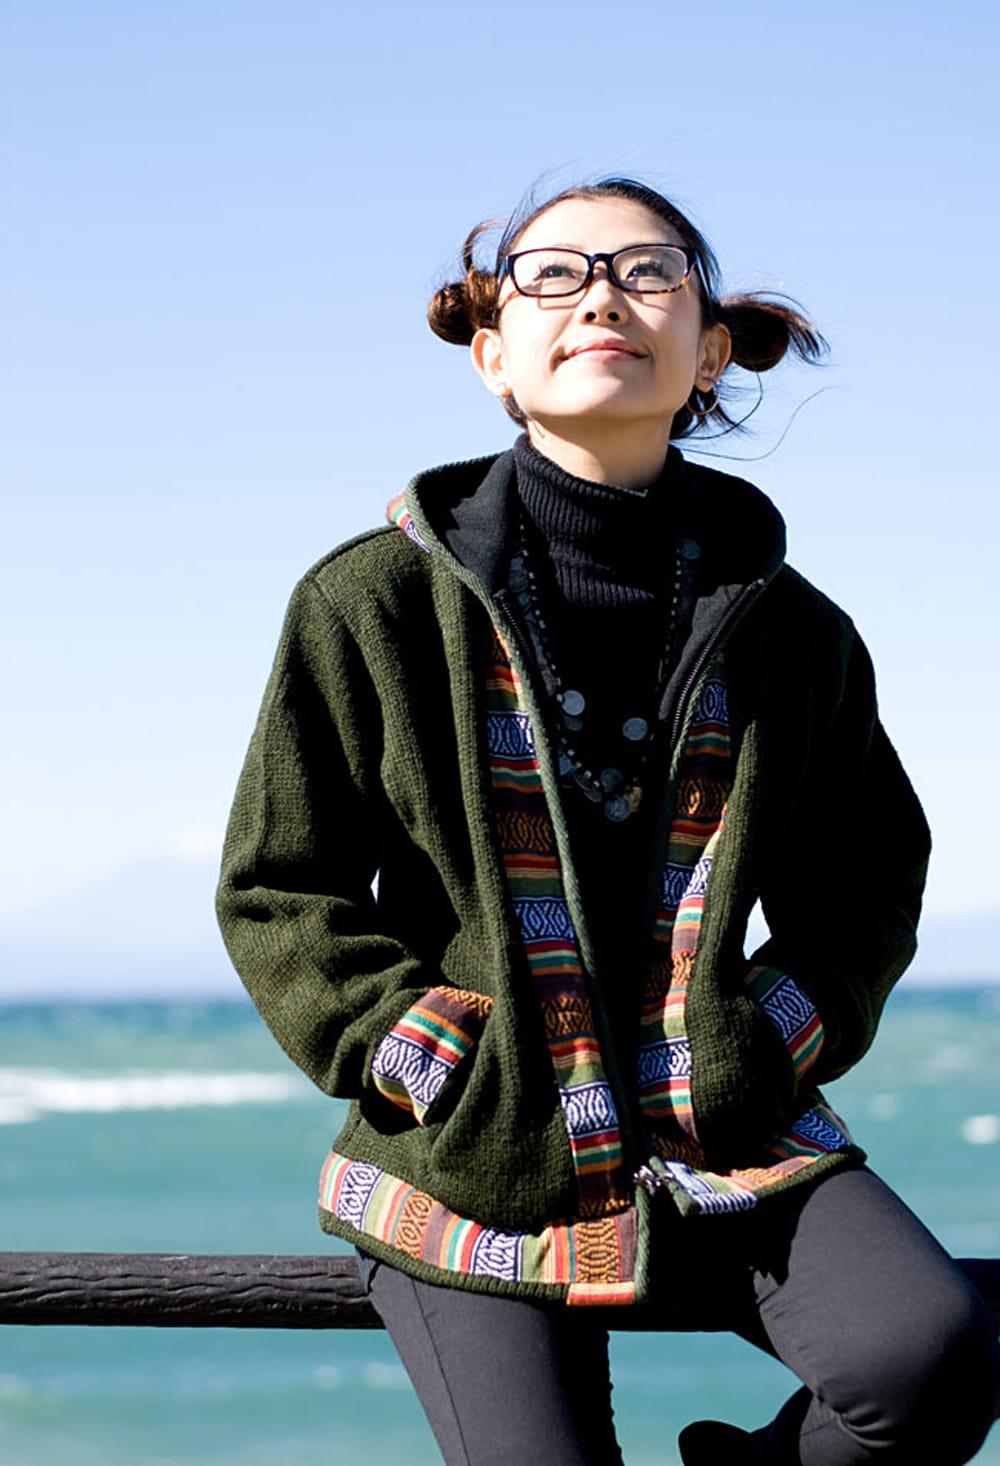 ネパールのゲリラインウールジャケット 2 - B:カーキ:身長150?のスタッフがSサイズを着てみました。Sサイズでピッタリです。